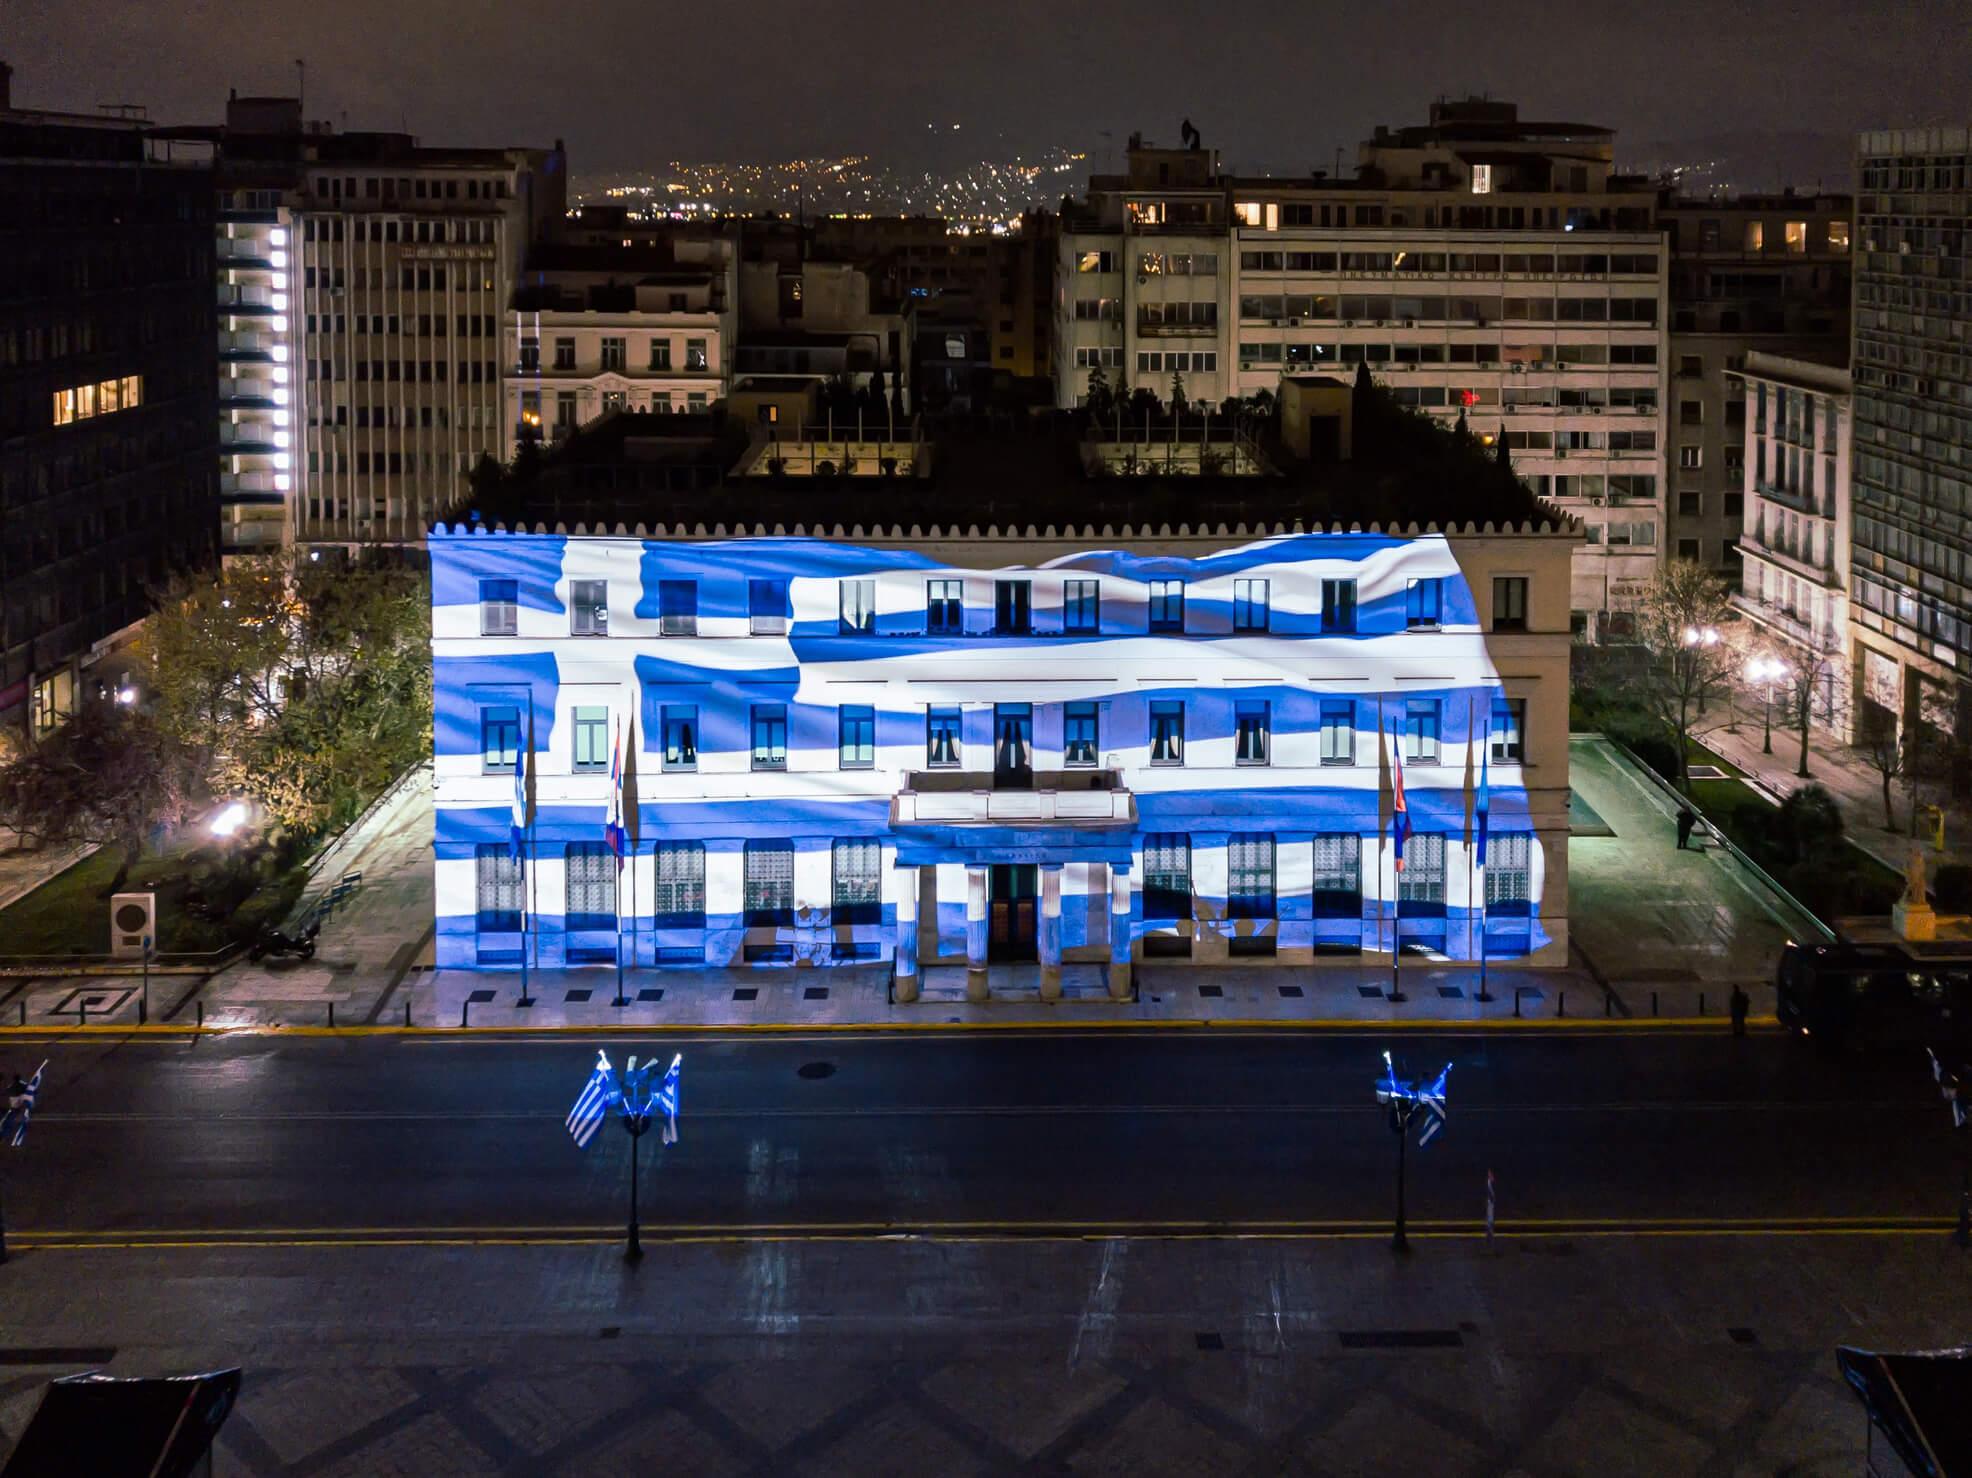 200 χρόνια από την Ελληνική Επανάσταση: 800 σημαίες, 400 θυρεοί και λουλούδια που σχηματίζουν την Ελληνική Σημαία στολίζουν την Αθήνα